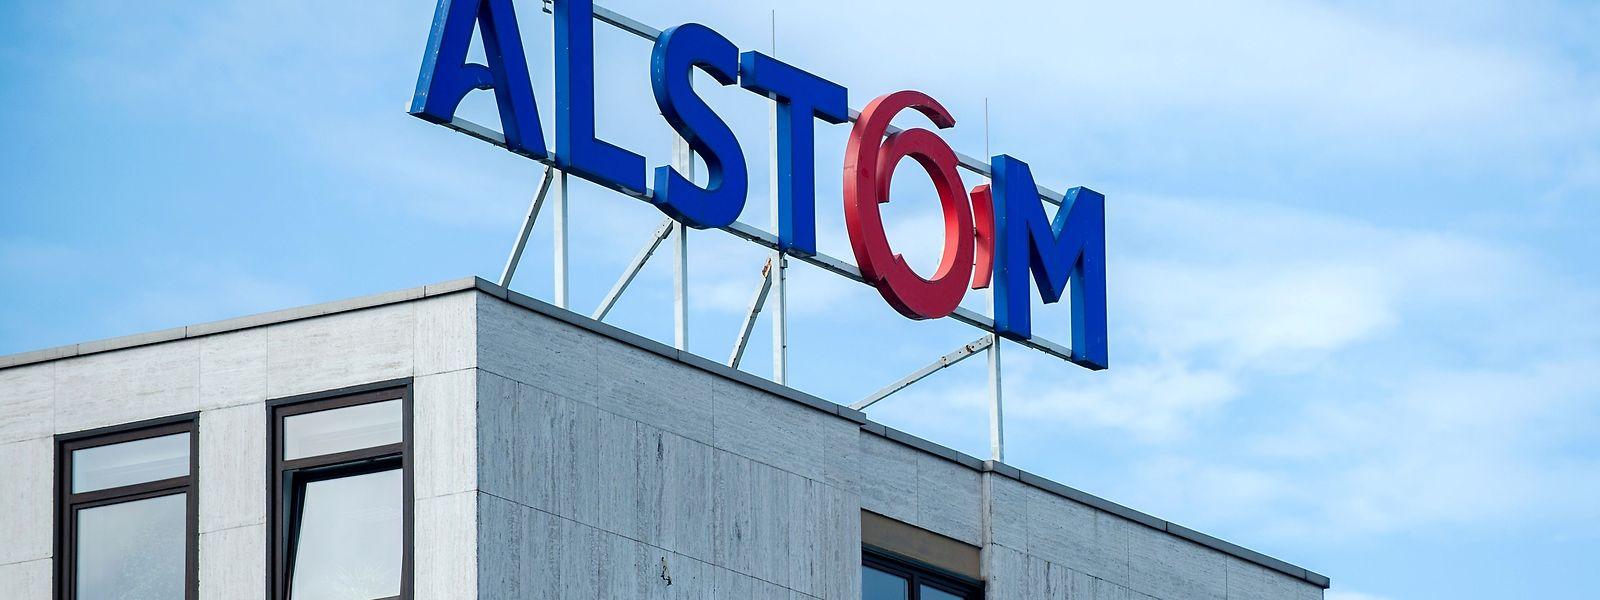 Alstrom entwickelte den TGV.